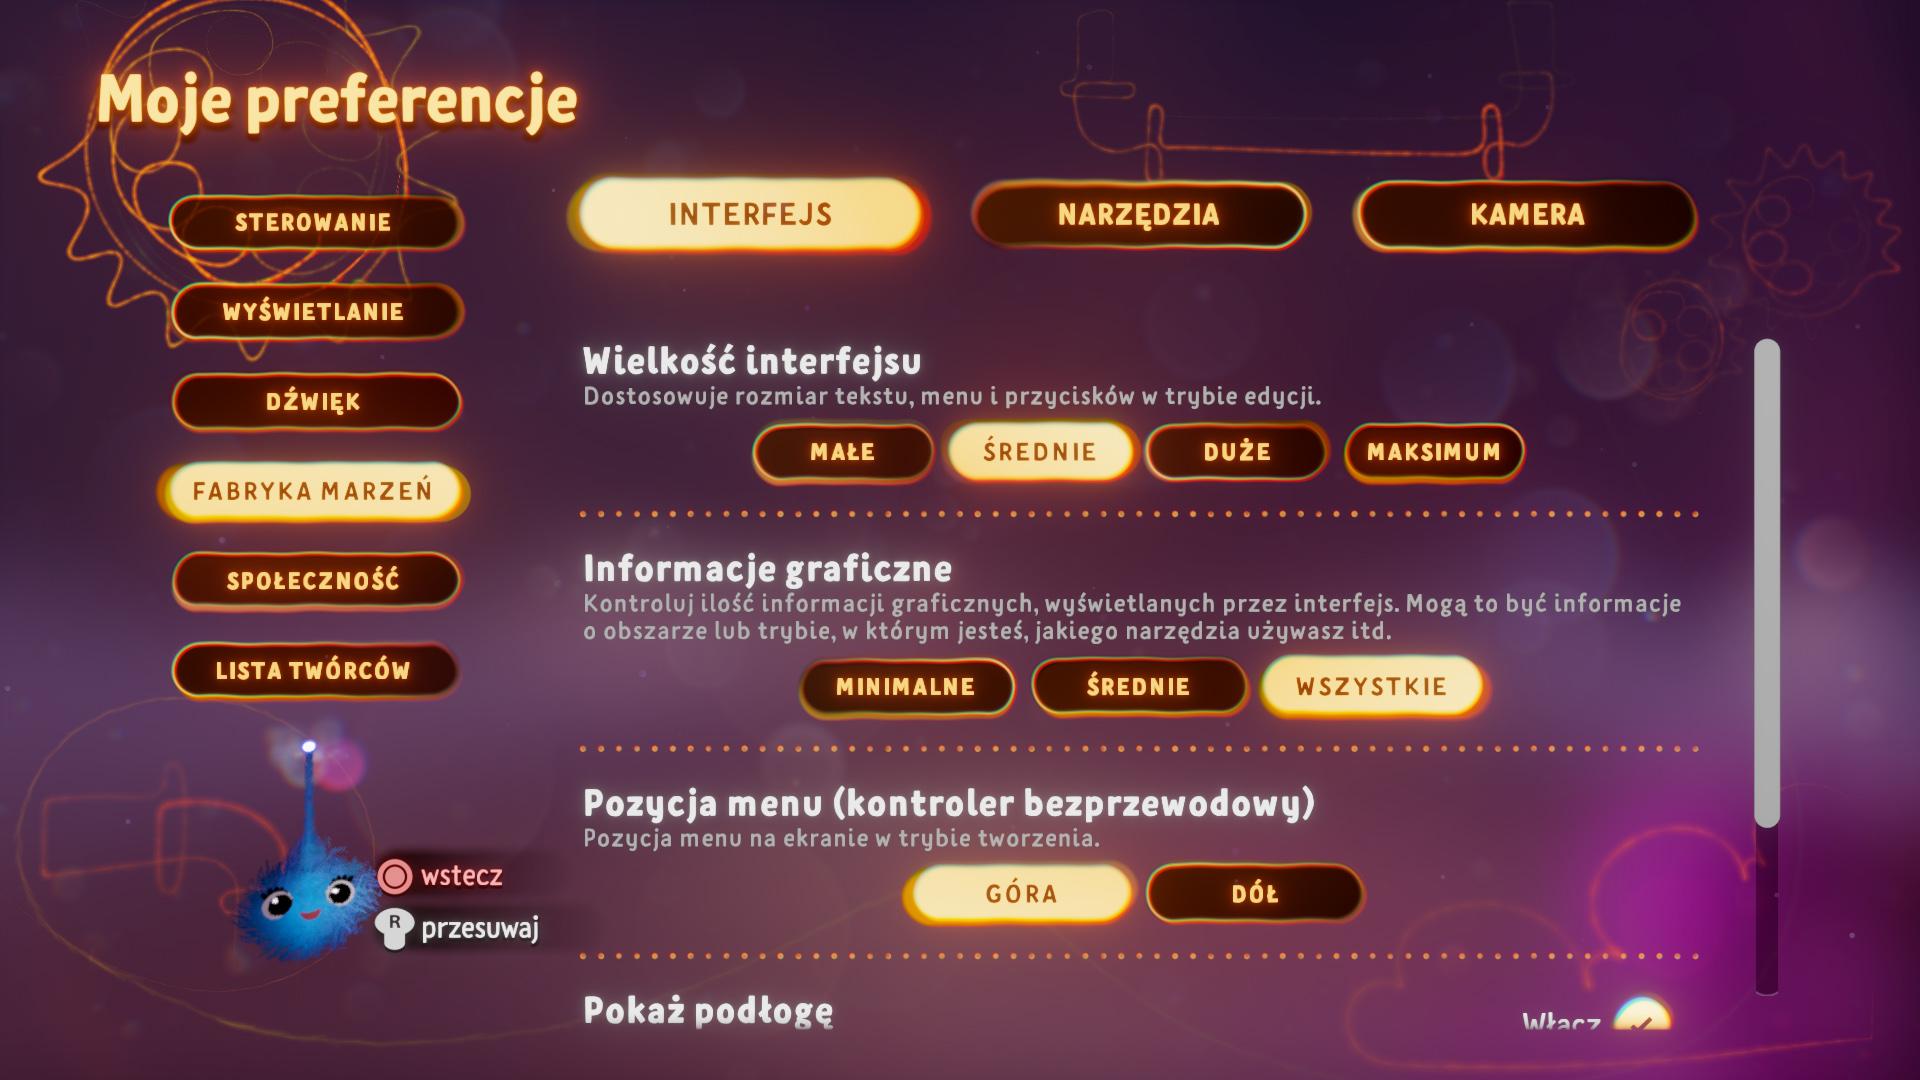 Zrzut ekranu przedstawiający opcje wielkości interfejsu w menu preferencji